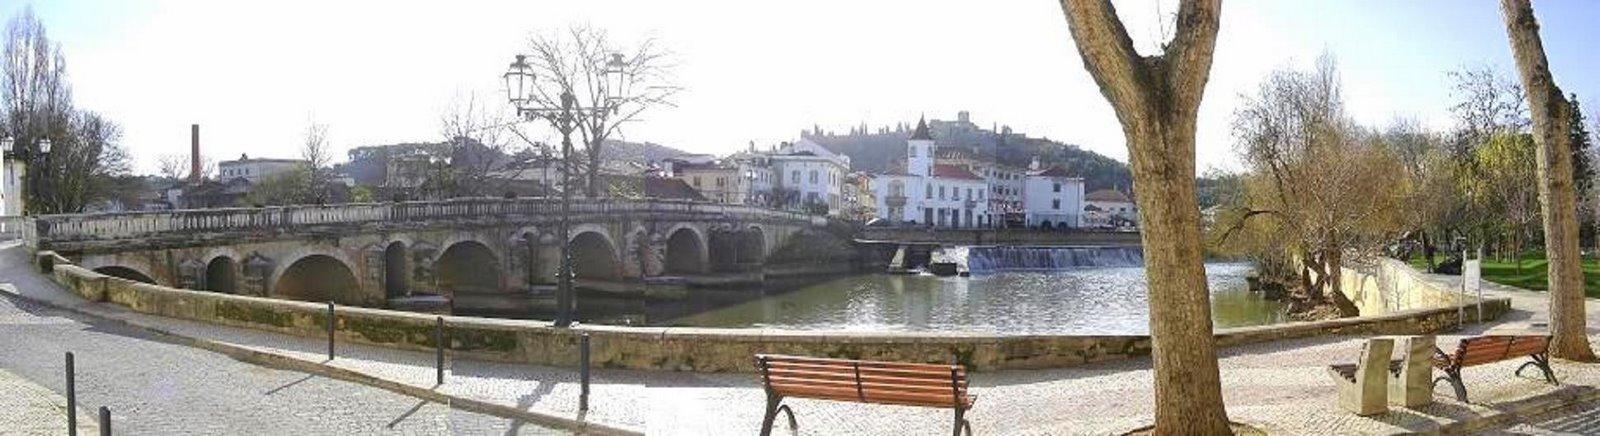 Tomar - Ponte Velha - Rio Nabão - Portugal